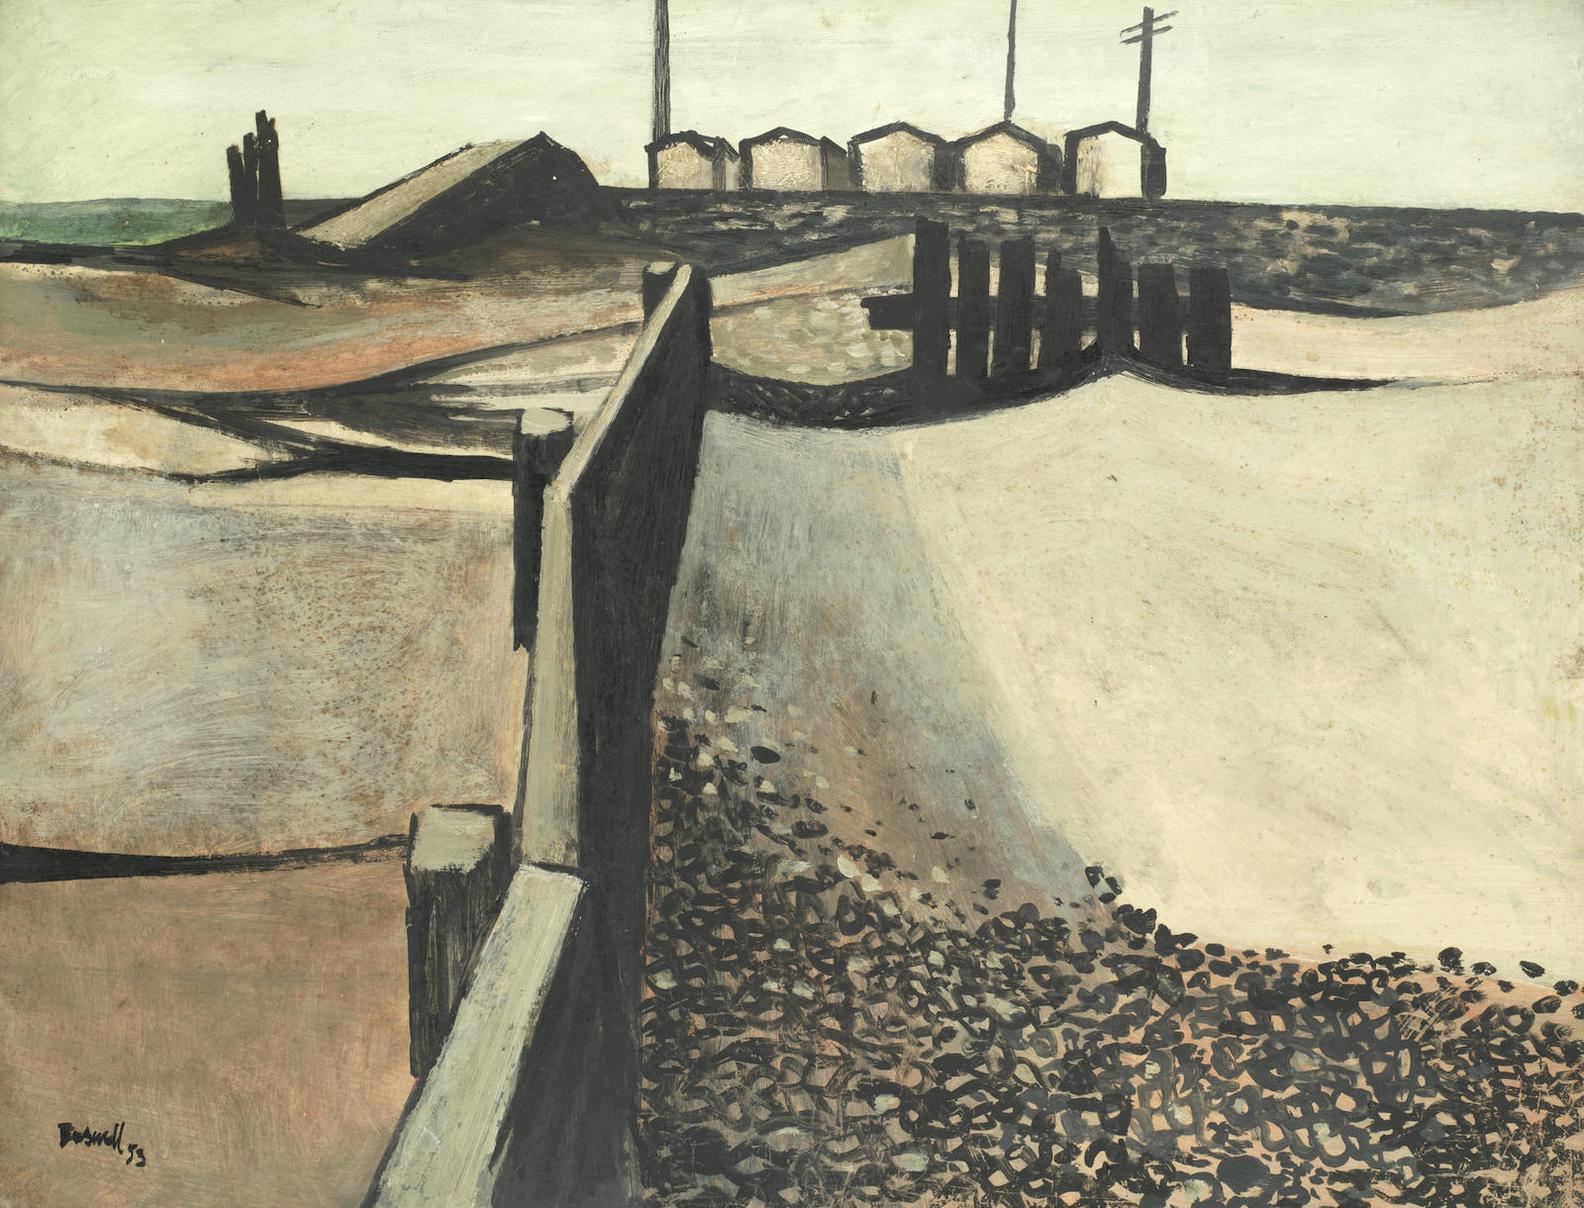 James Boswell-Shoreham Beach 1-1953